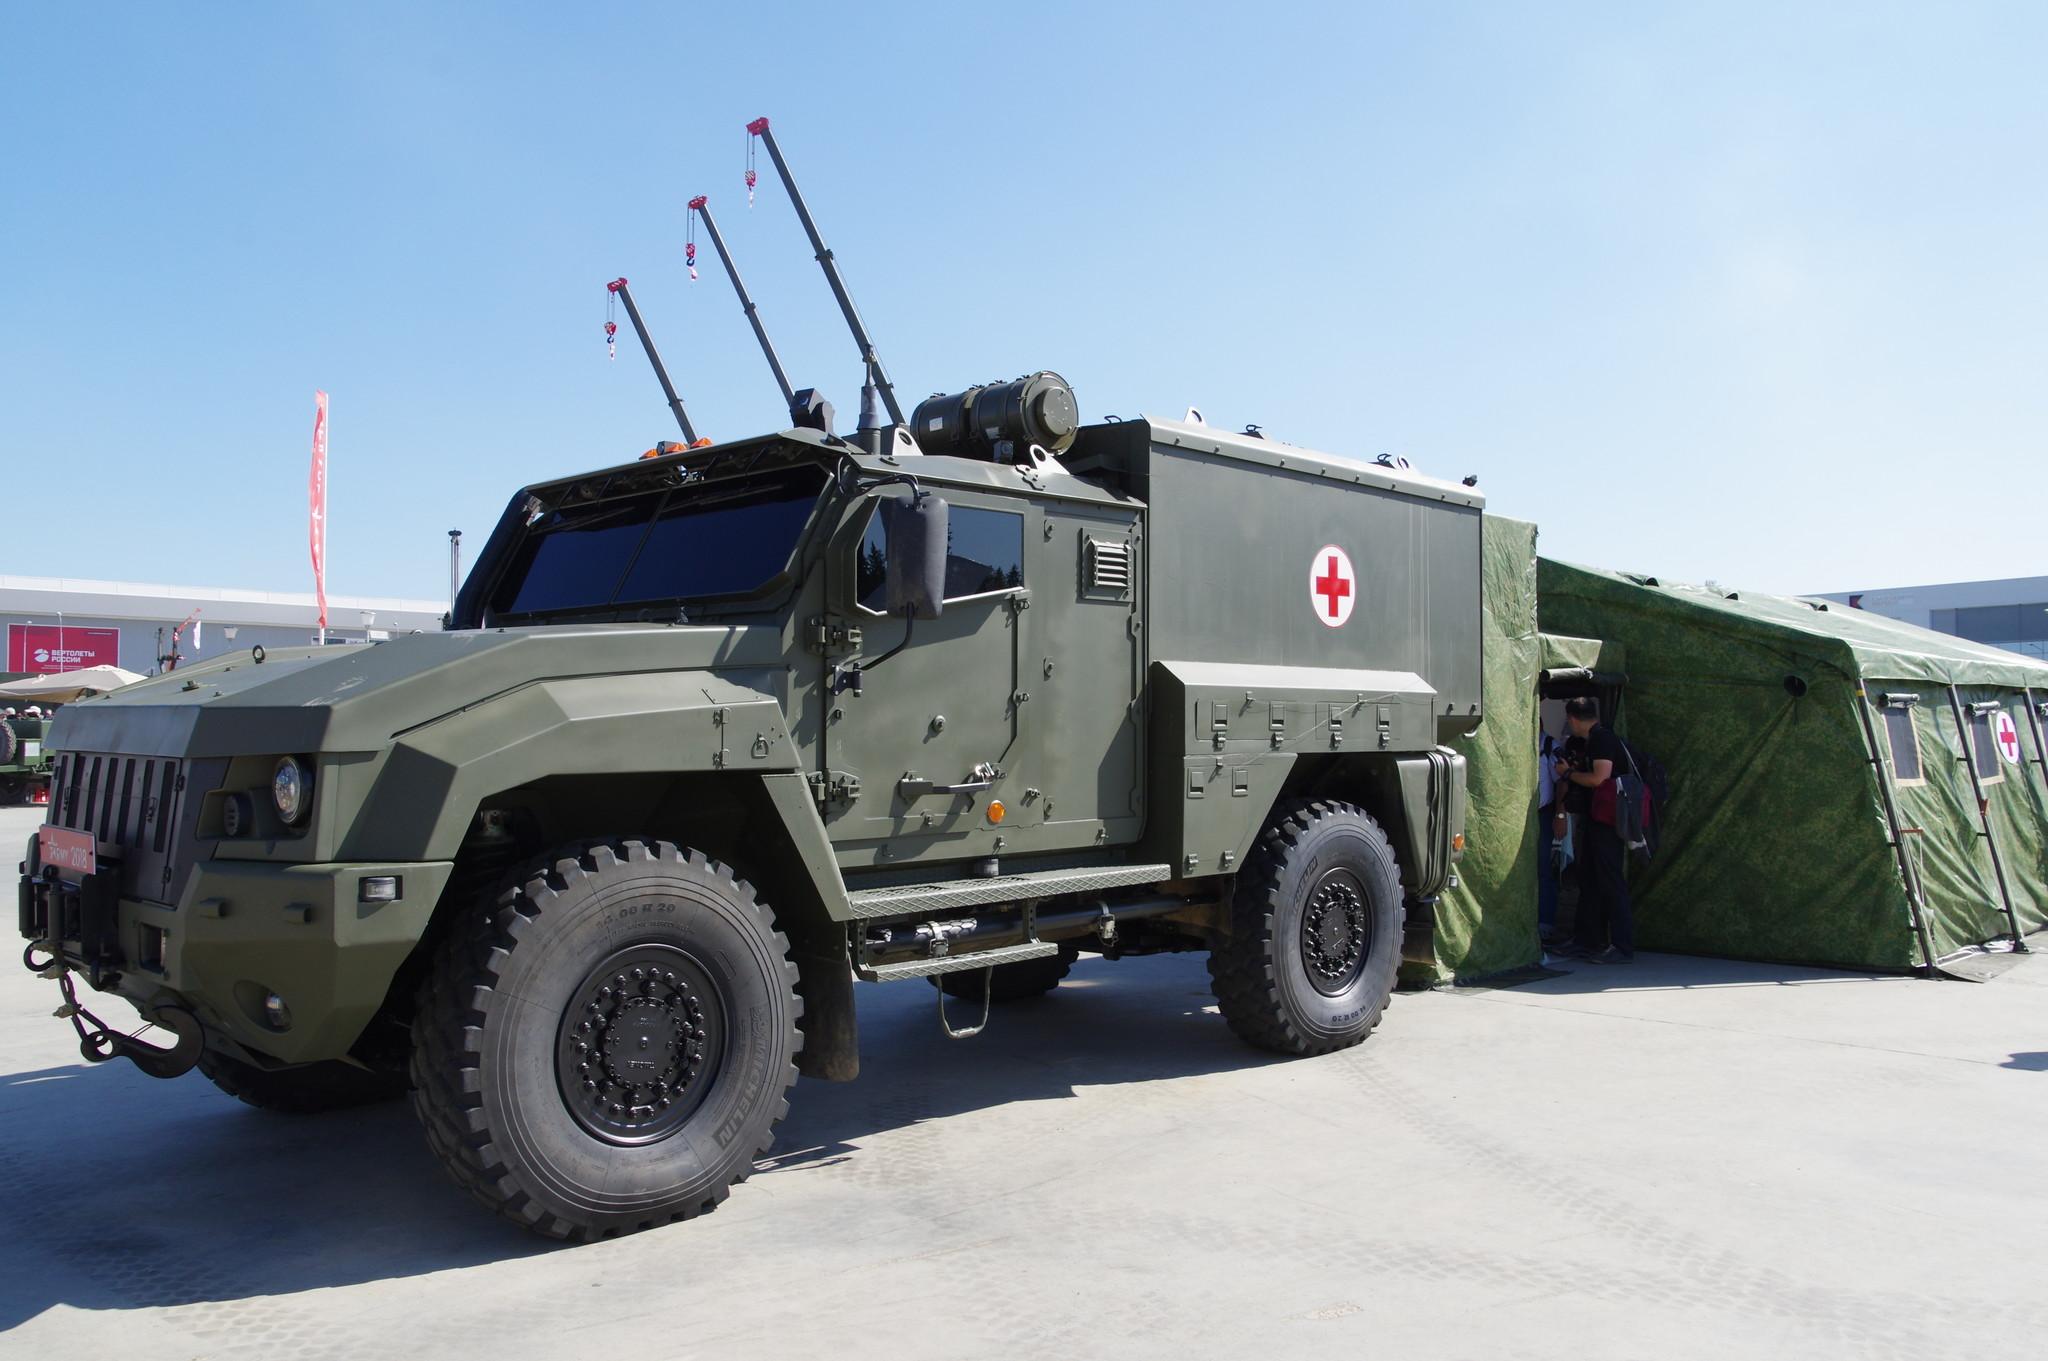 Защищённый санитарный автомобиль тактического звена «Линза» (на шасси автомобиля «Тайфун-К» 4x4)